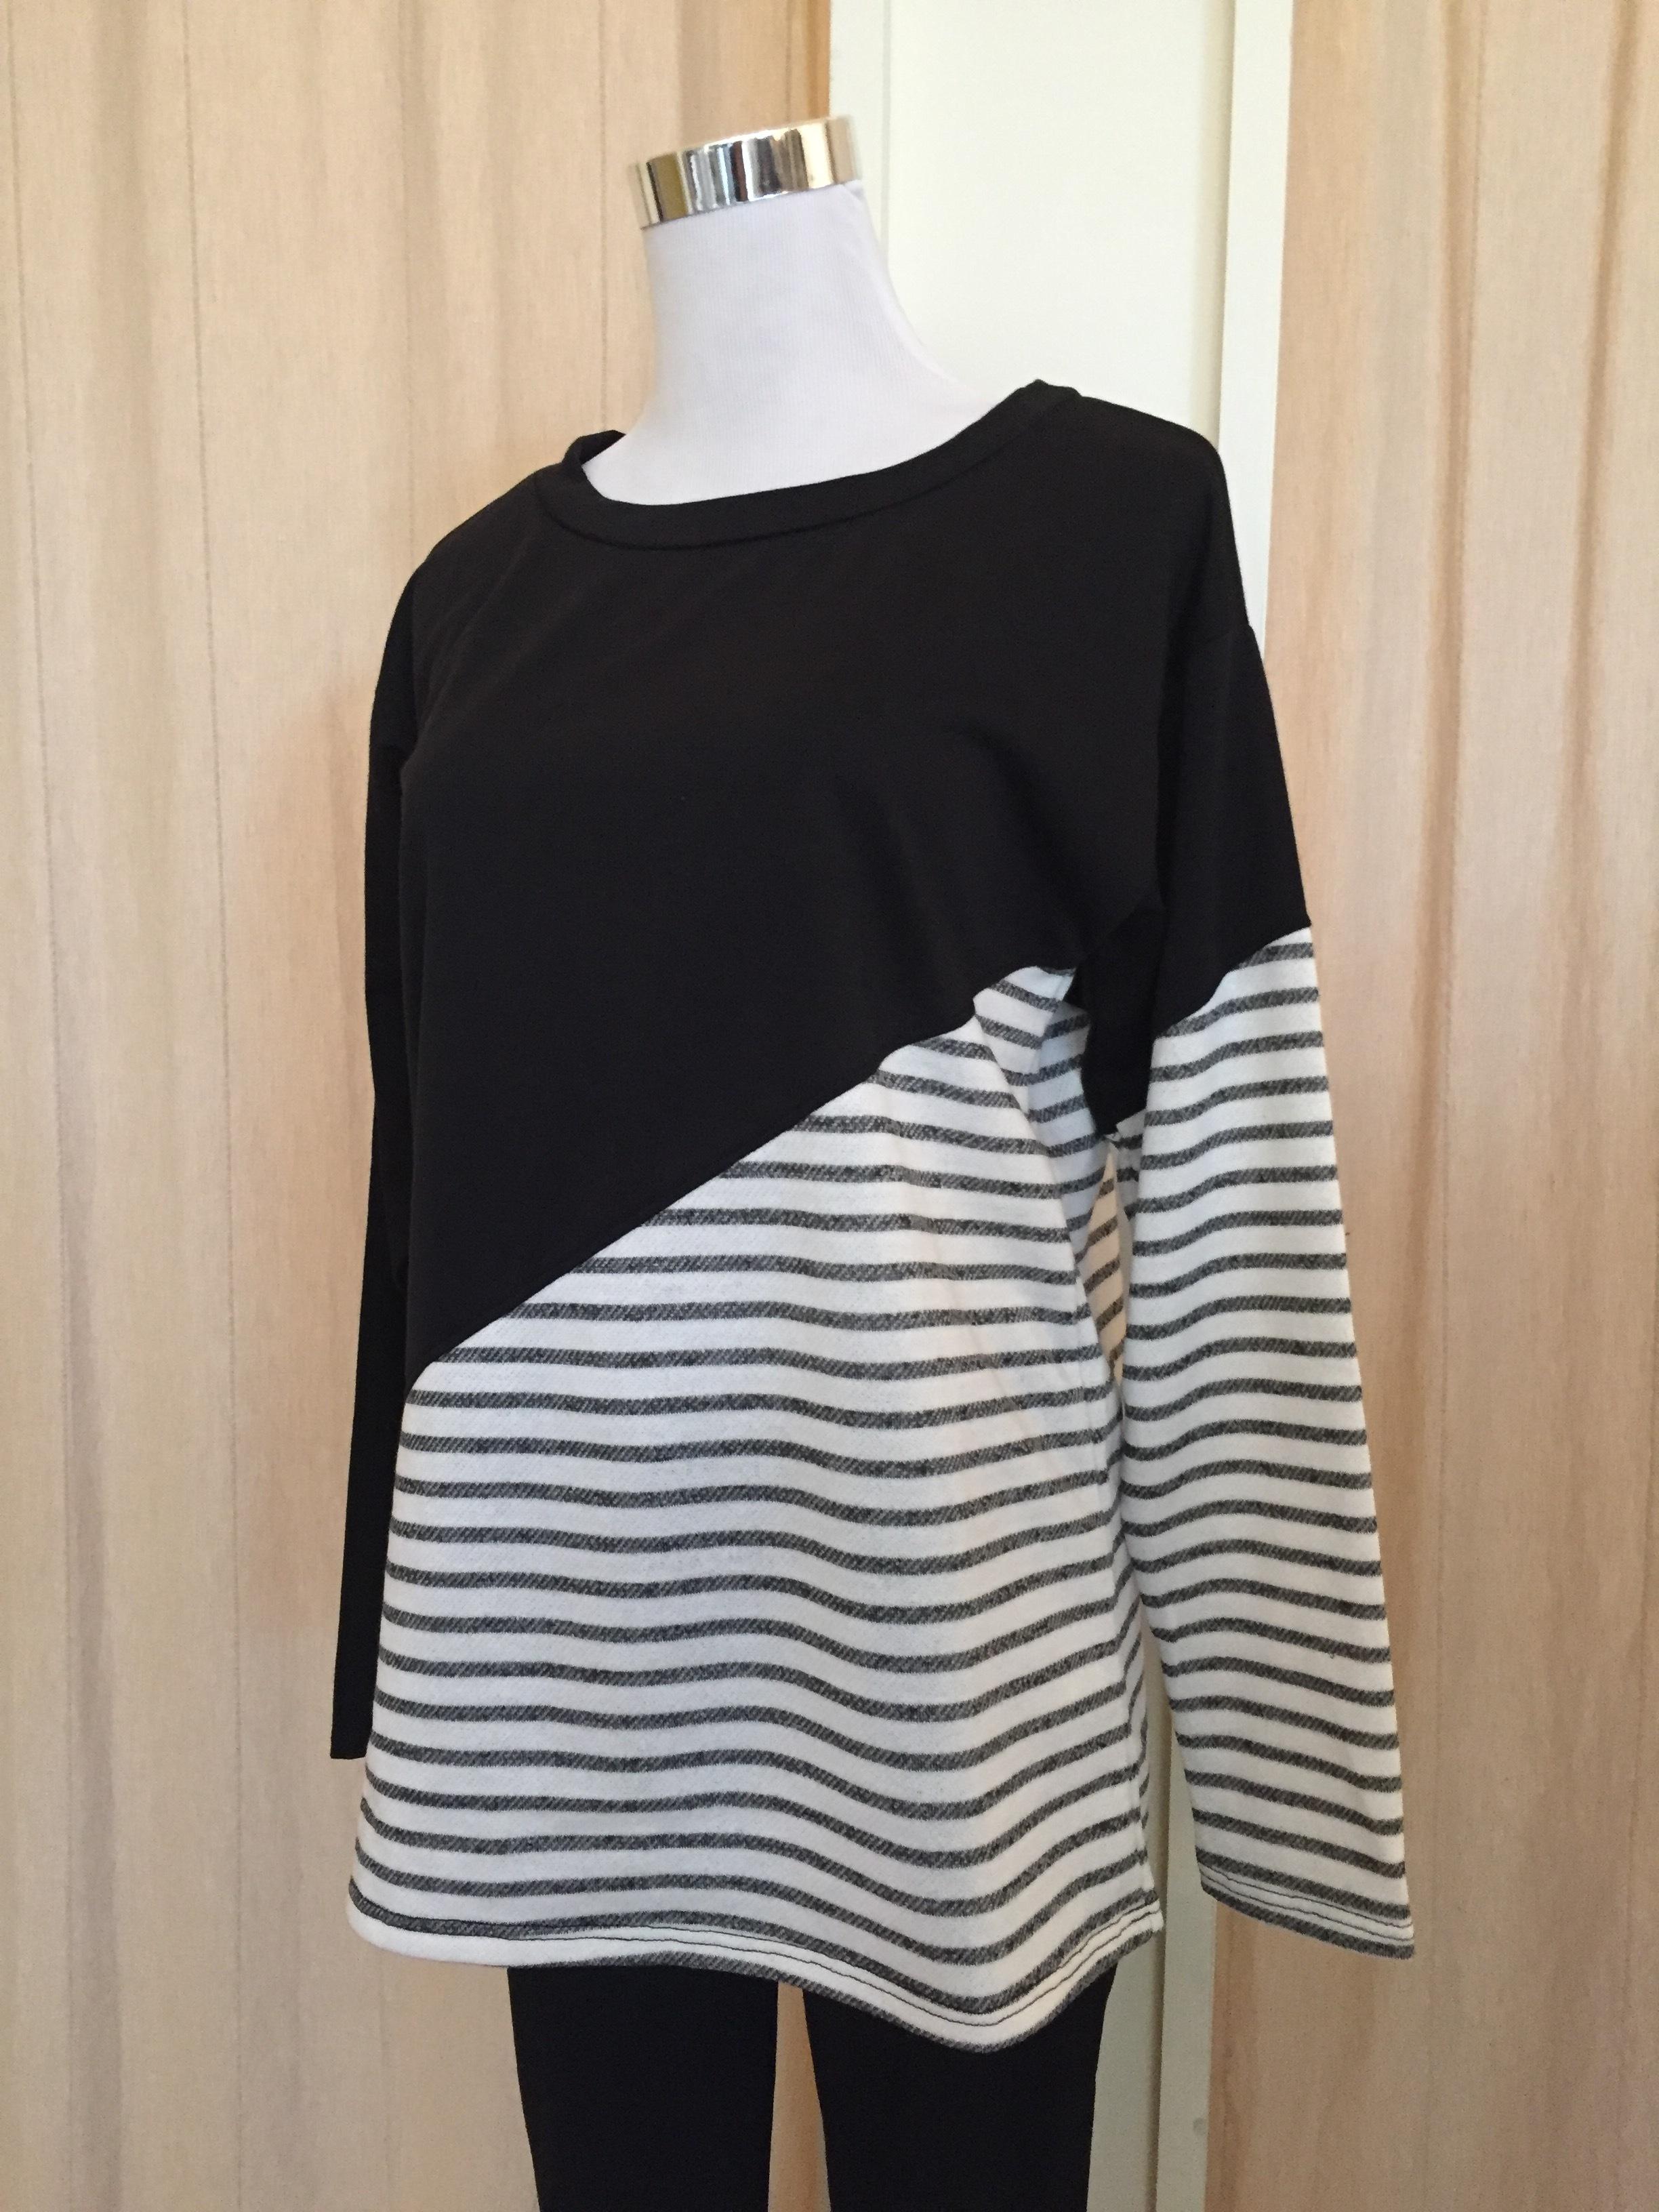 Asymmetrical Striped Top ($32)